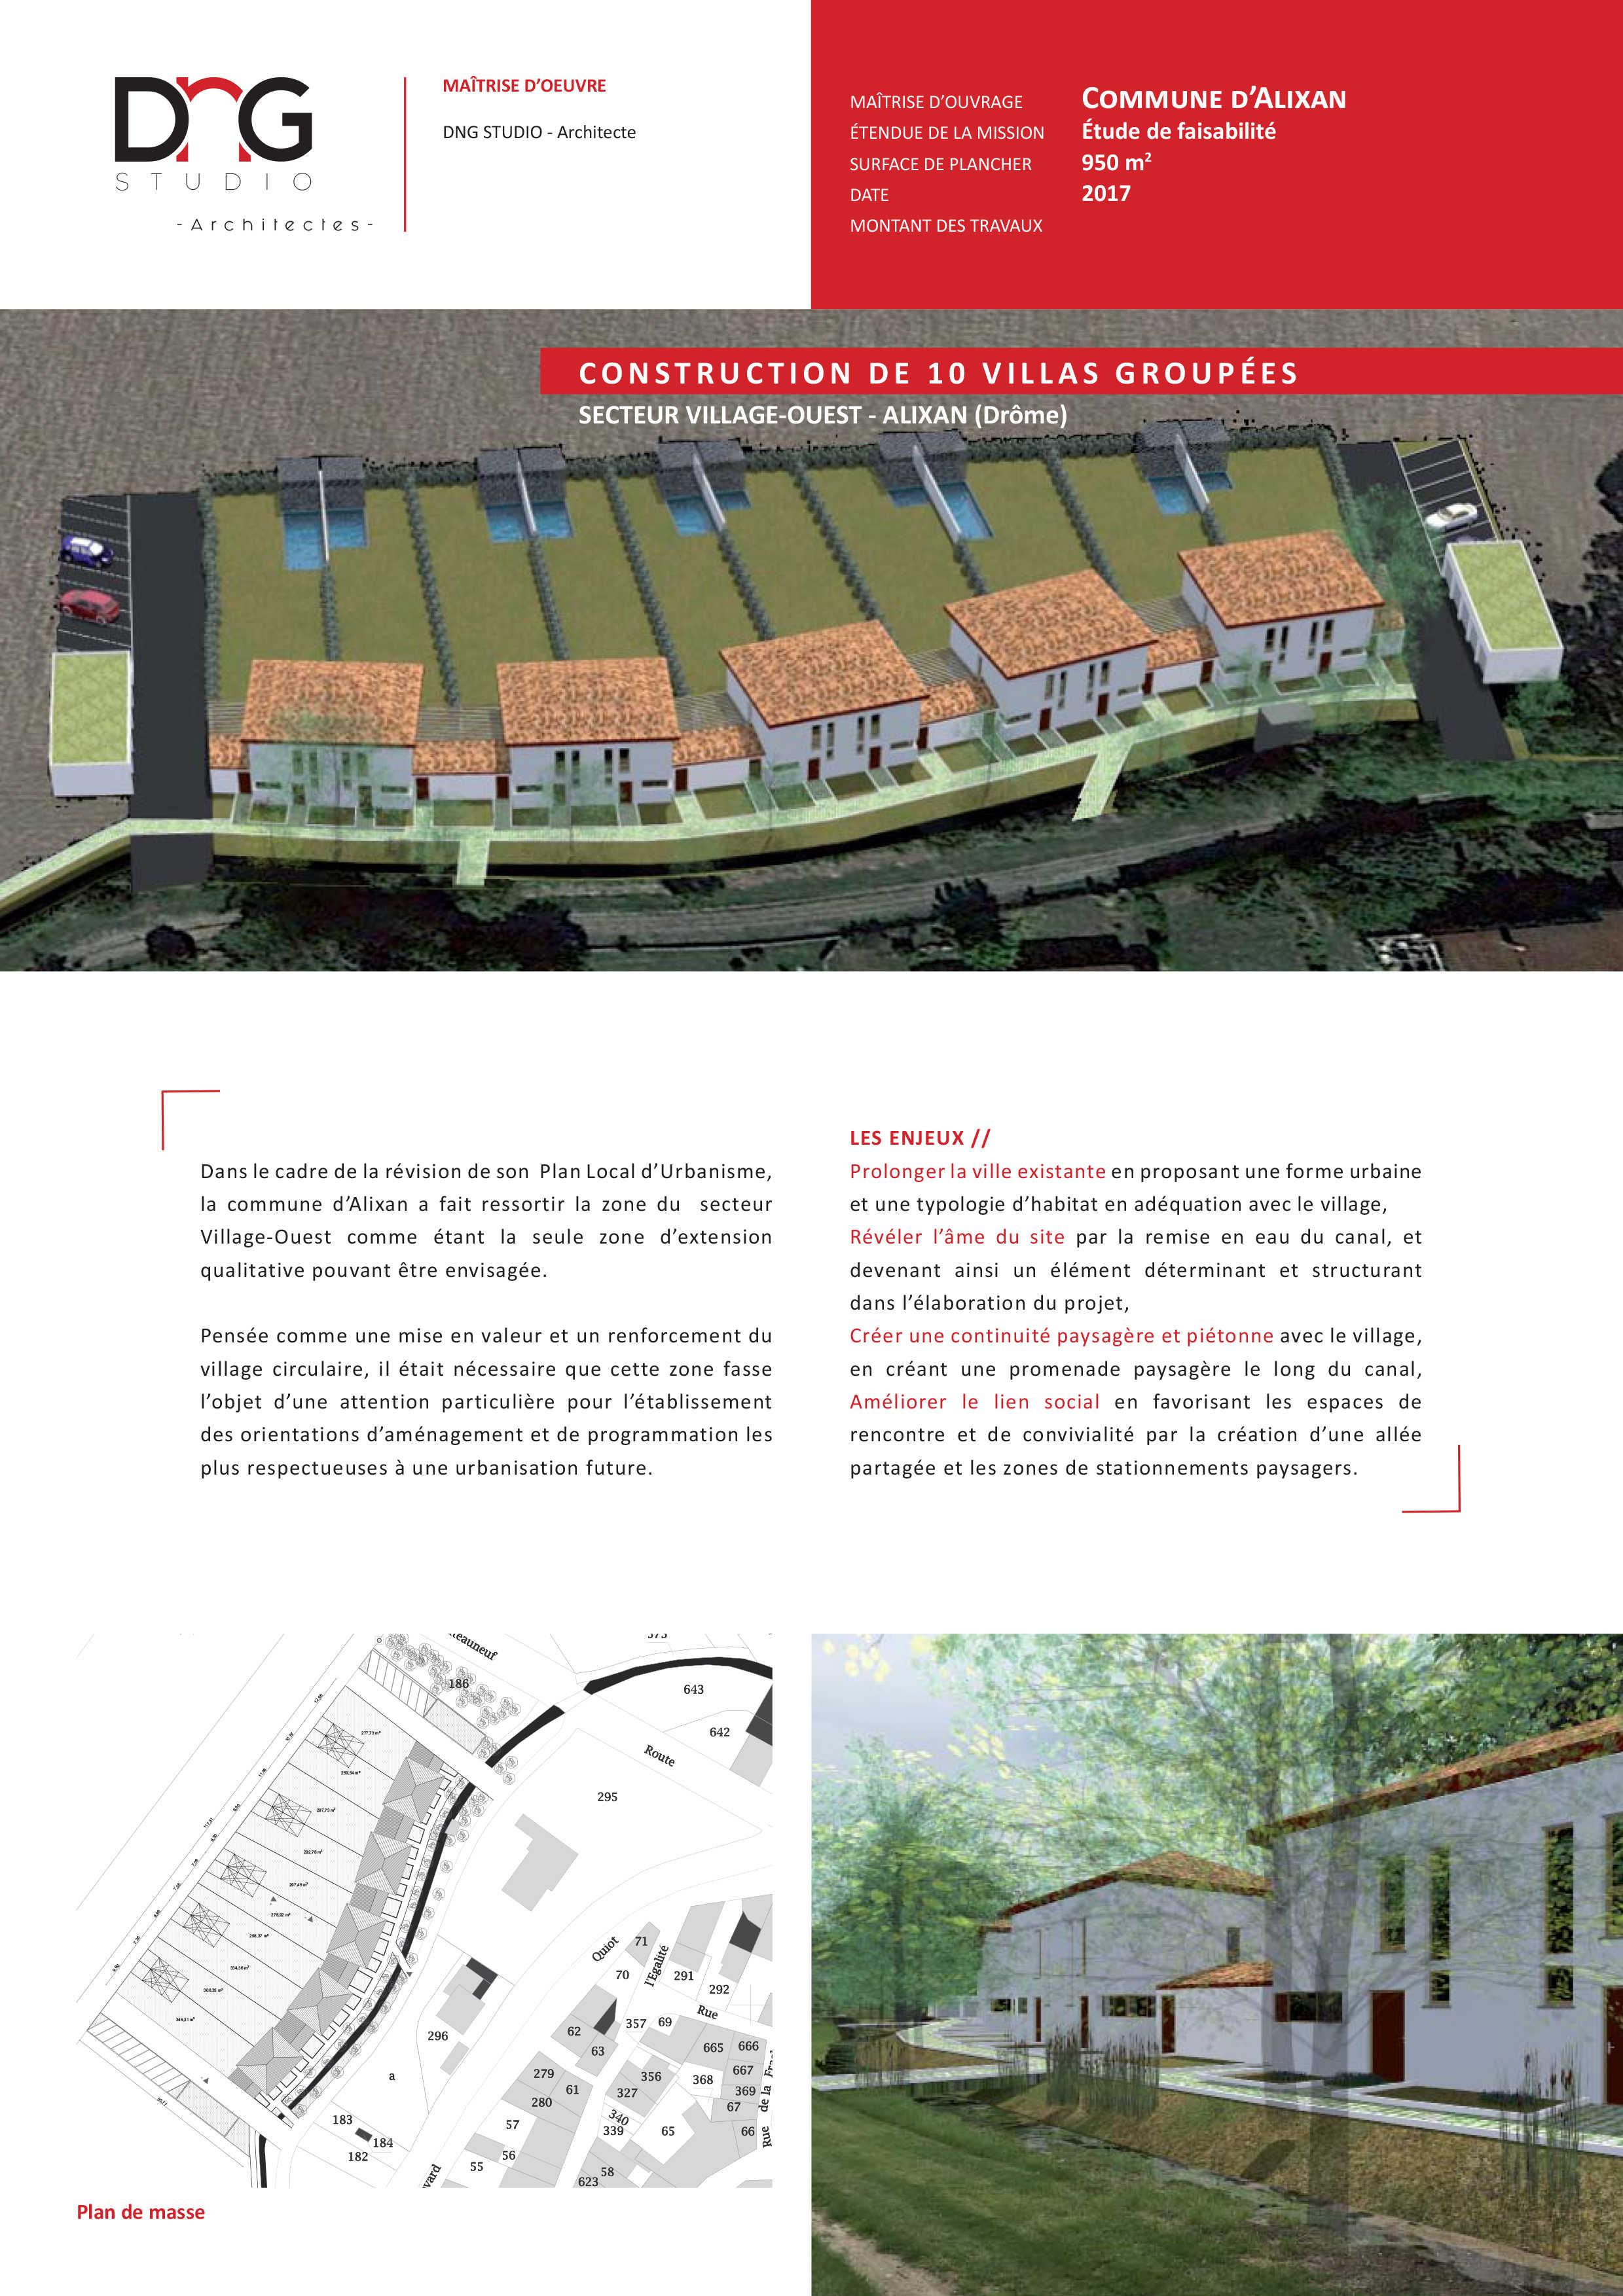 architecte valence batiments pour nous joindre olivier bonzon architectes chemin de thabor. Black Bedroom Furniture Sets. Home Design Ideas